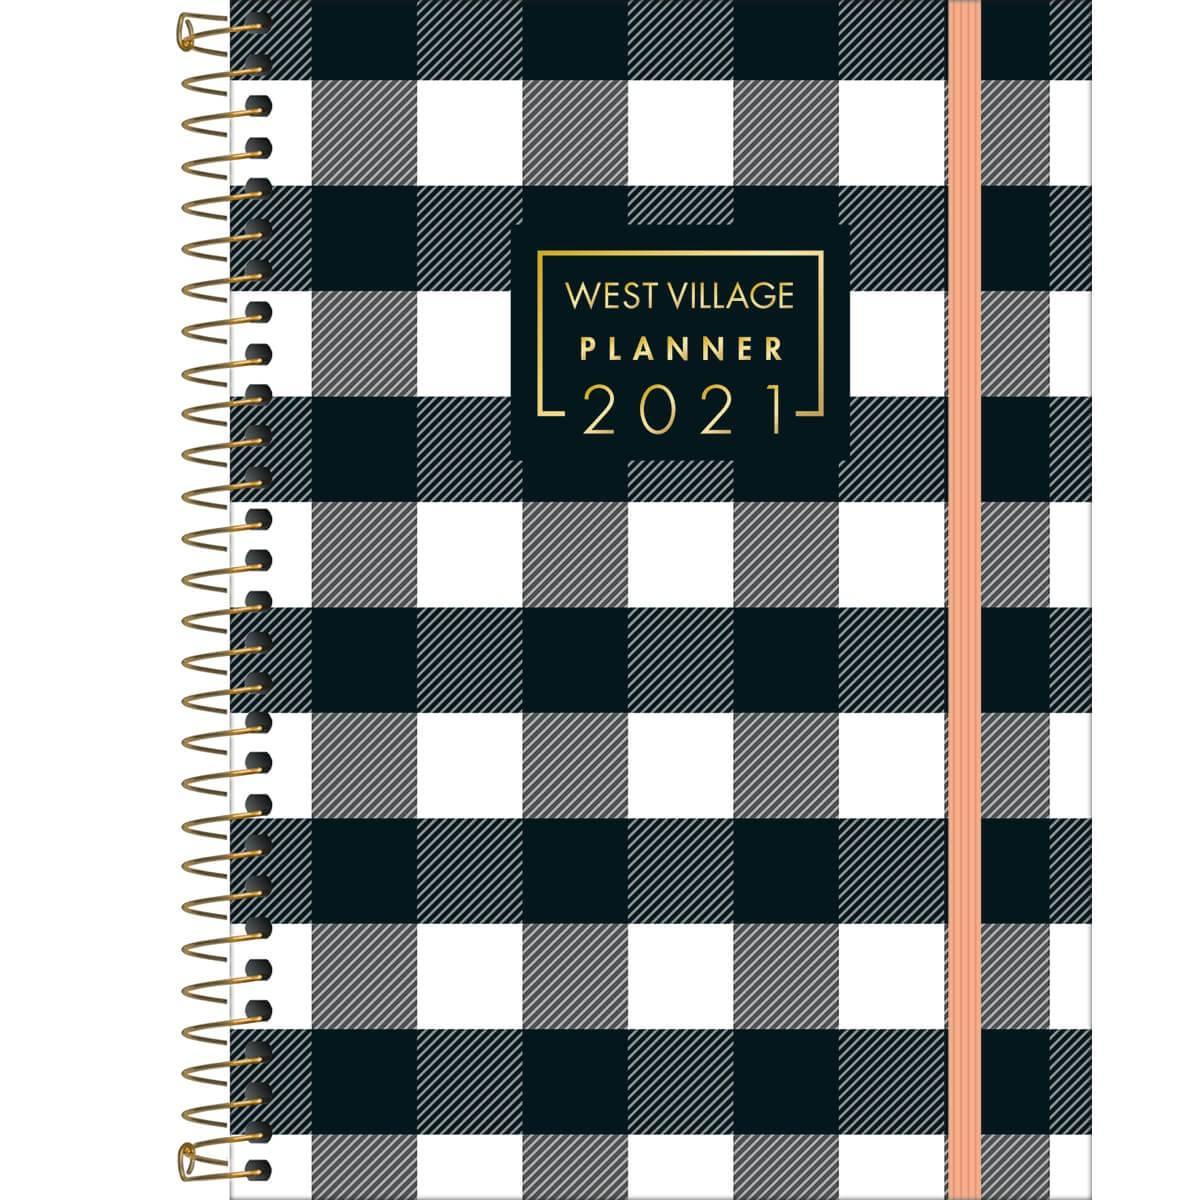 Agenda/Planner Espiral West Village 2021 M5 - Tilibra